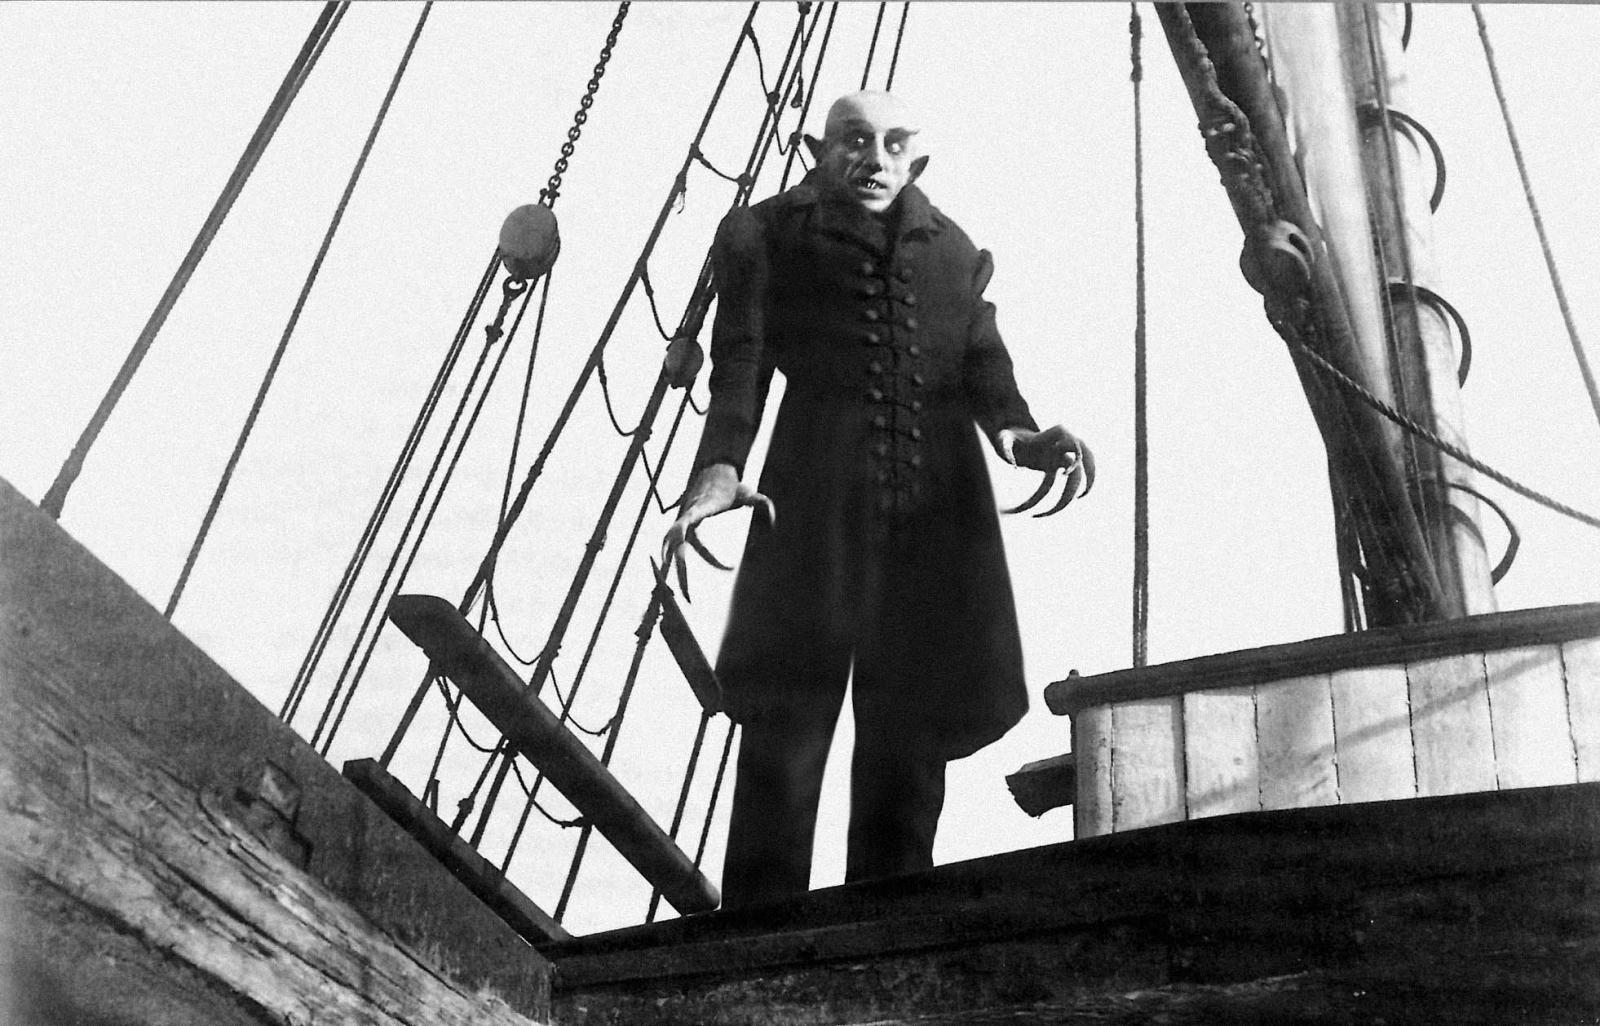 Max Schreck in Nosferatu directed